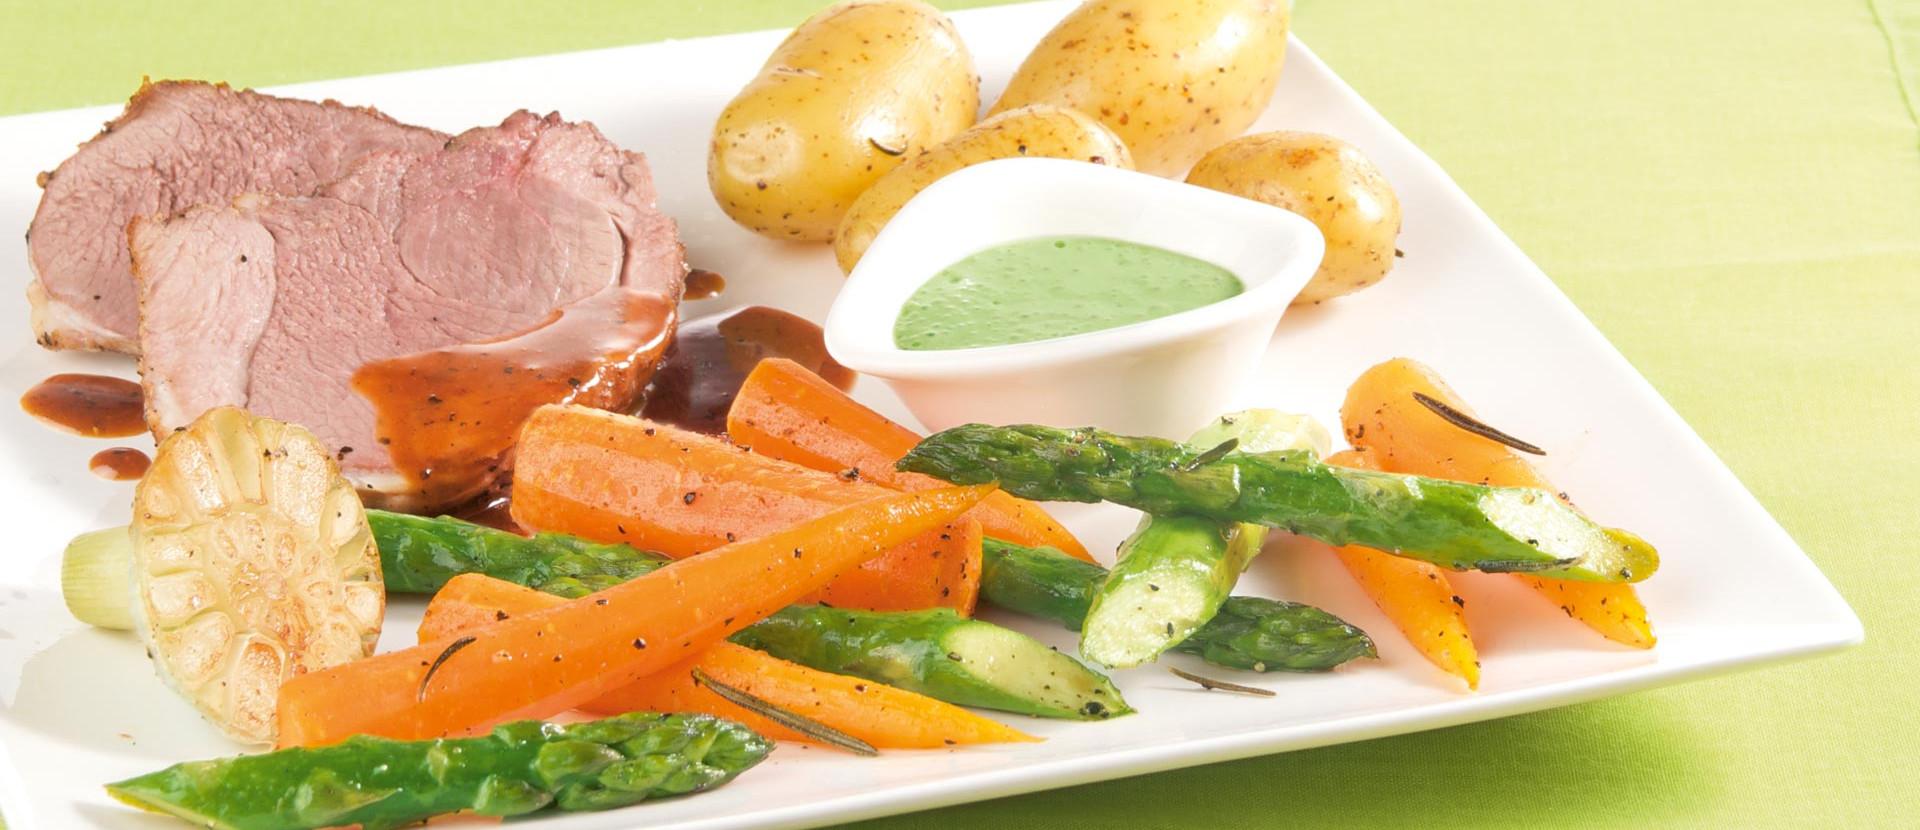 Lammkeule mit buntem Gemüse und Bärlauch-Dip